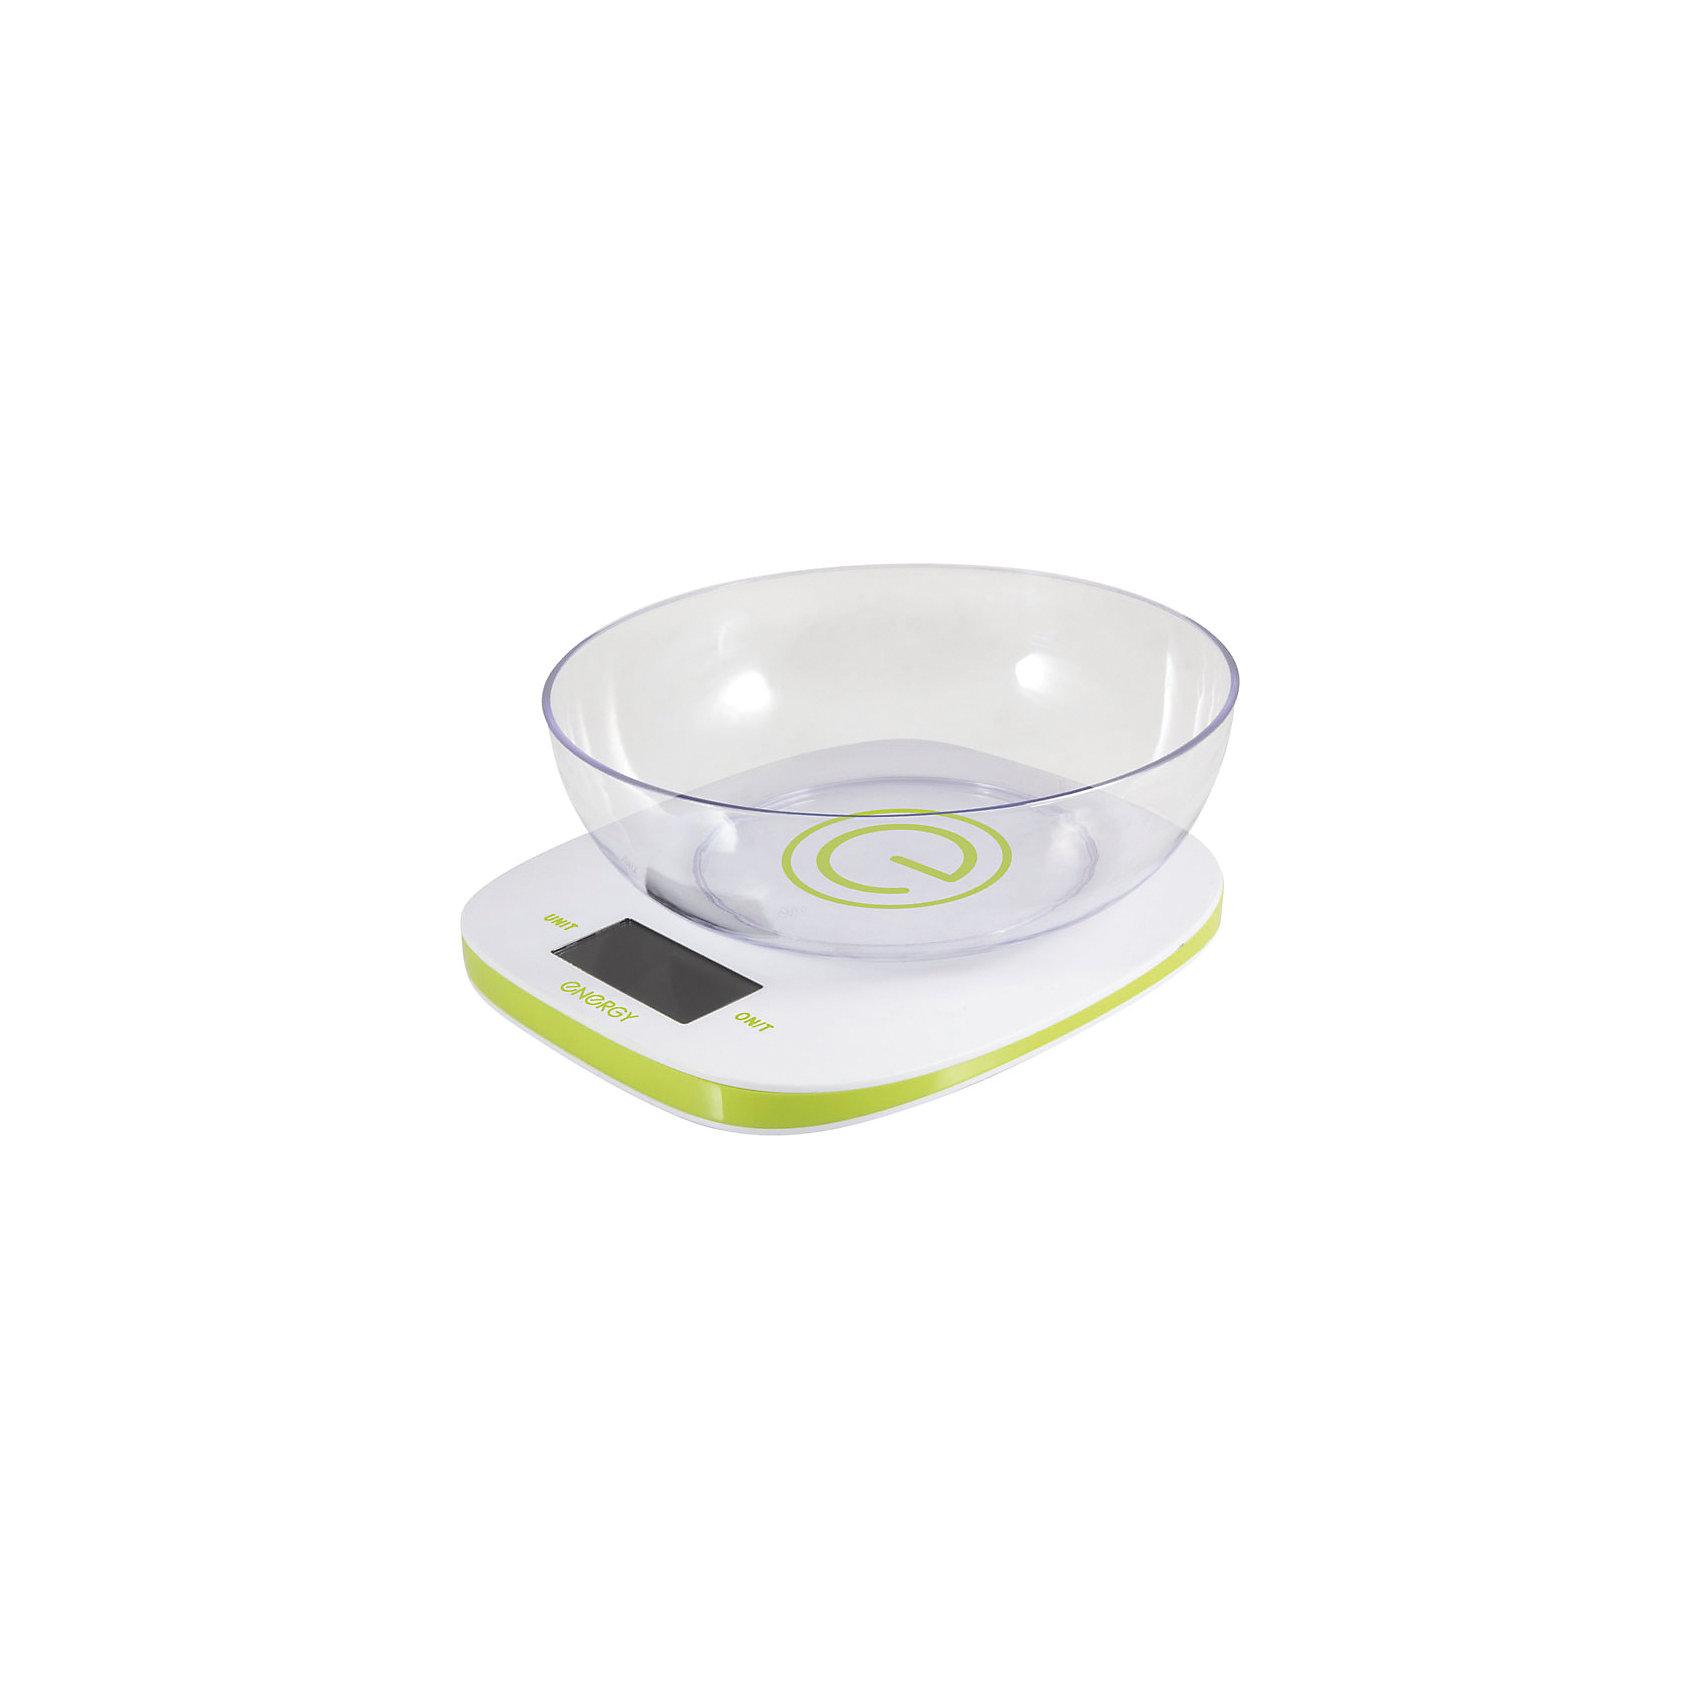 Весы кухонные электронные EN-425, EnergyБытовая техника для кухни<br>Кухонные весы с чашей пригодятся для измерения веса продуктов и определения точной пропорции. Электронные весы оснащены индикатором перегрузки и заряда батареи, системой автоотключения, есть функция «тара». LCD дисплей (белые цифры на черном фоне). Предусмотрена возможность выбора единицы измерения: грамм/фунт/унция/кг.<br><br>Дополнительная информация:<br><br>Размеры весов: 19,5х18х2 см<br>Размер дисплея: 5,8х2,7 см<br><br>Цена деления: 1 г<br>Объем чаши: 1 л<br>Максимальная нагрузка: 5 кг<br><br>Тип управления: сенсорное управление<br><br>Батарейки входят в комплект: 2 шт. типа ААА<br><br>Весы кухонные электронные EN-425, Energy можно купить в нашем интернет-магазине.<br><br>Ширина мм: 200<br>Глубина мм: 210<br>Высота мм: 90<br>Вес г: 508<br>Возраст от месяцев: 6<br>Возраст до месяцев: 1080<br>Пол: Унисекс<br>Возраст: Детский<br>SKU: 4989871